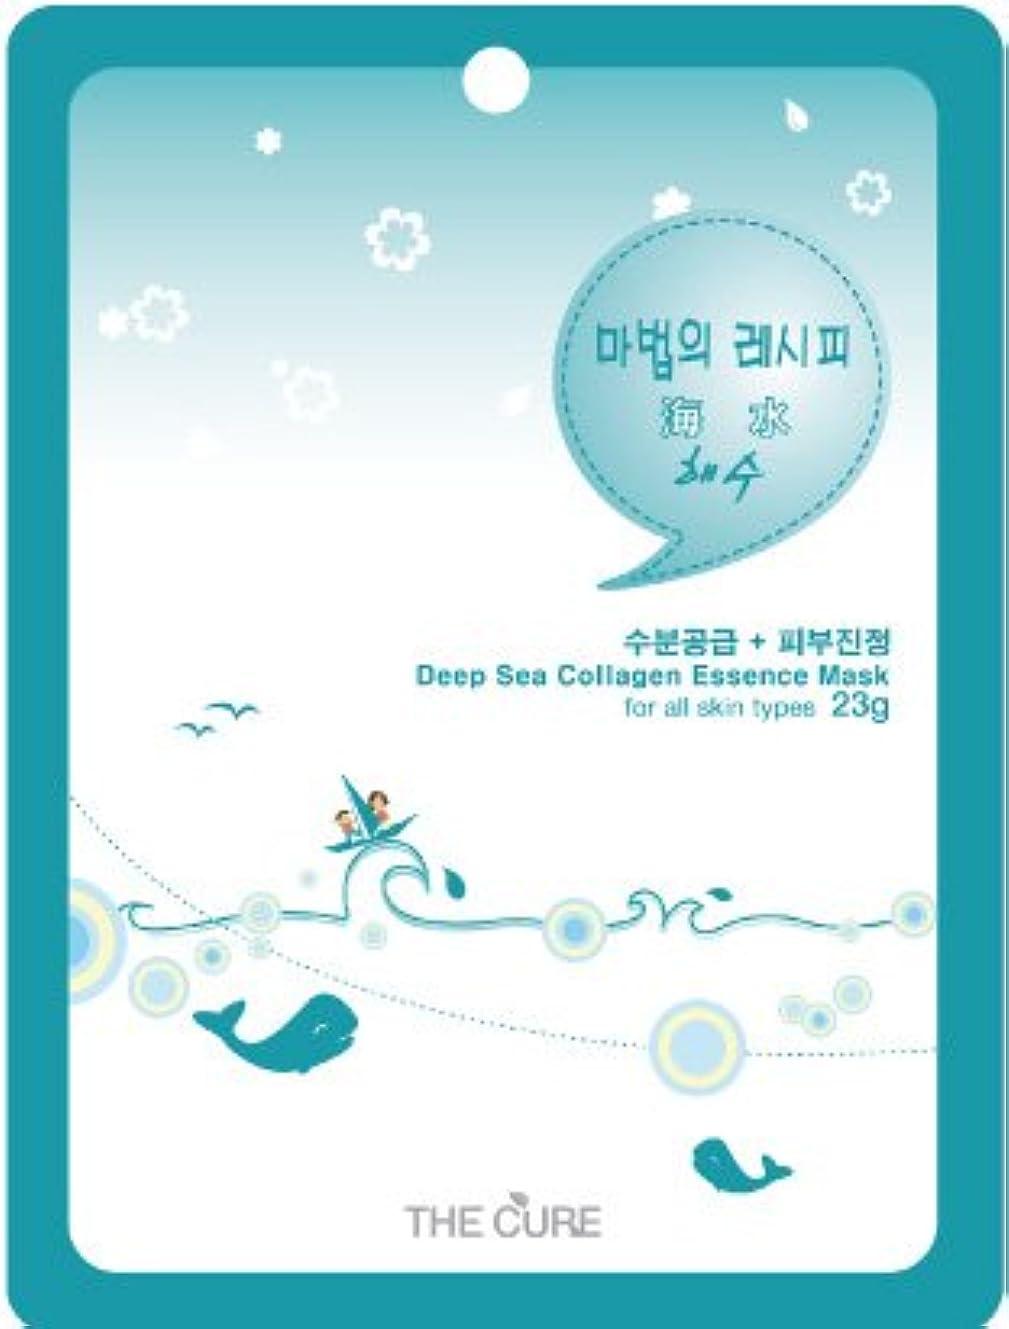 破産可能性傷跡海水 コラーゲン エッセンス マスク THE CURE シート パック 10枚セット 韓国 コスメ